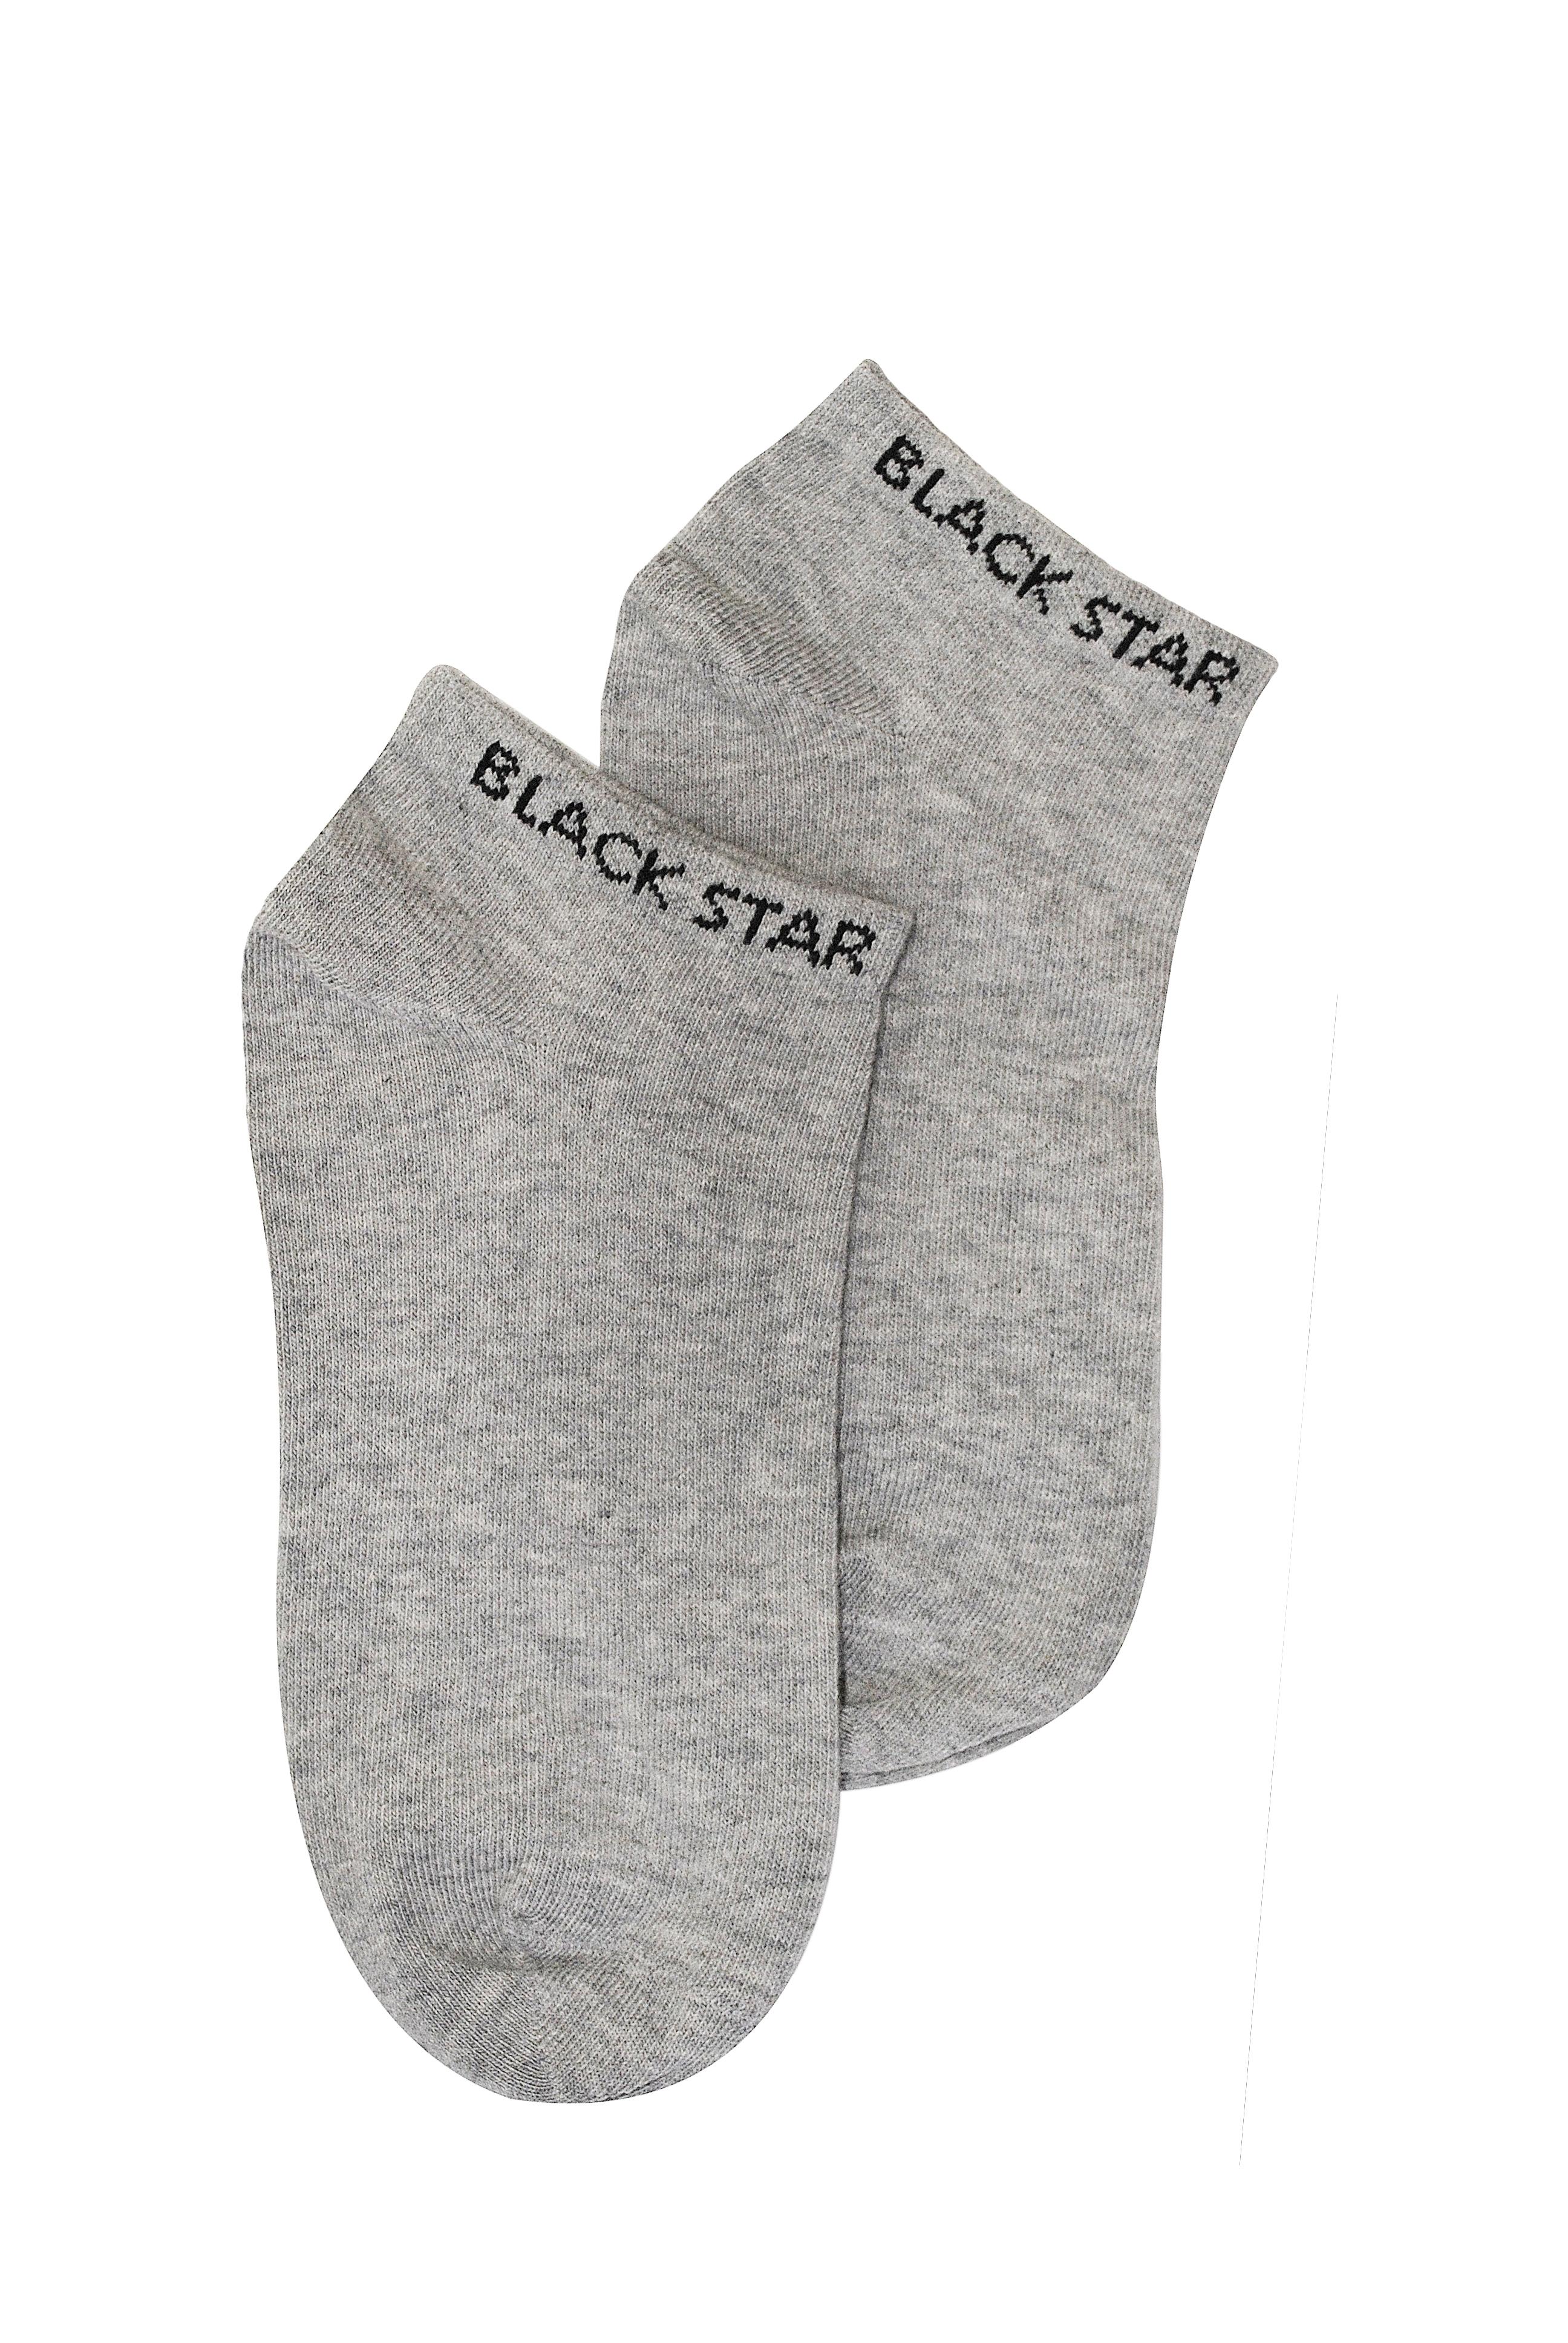 Unisex Socks BS short